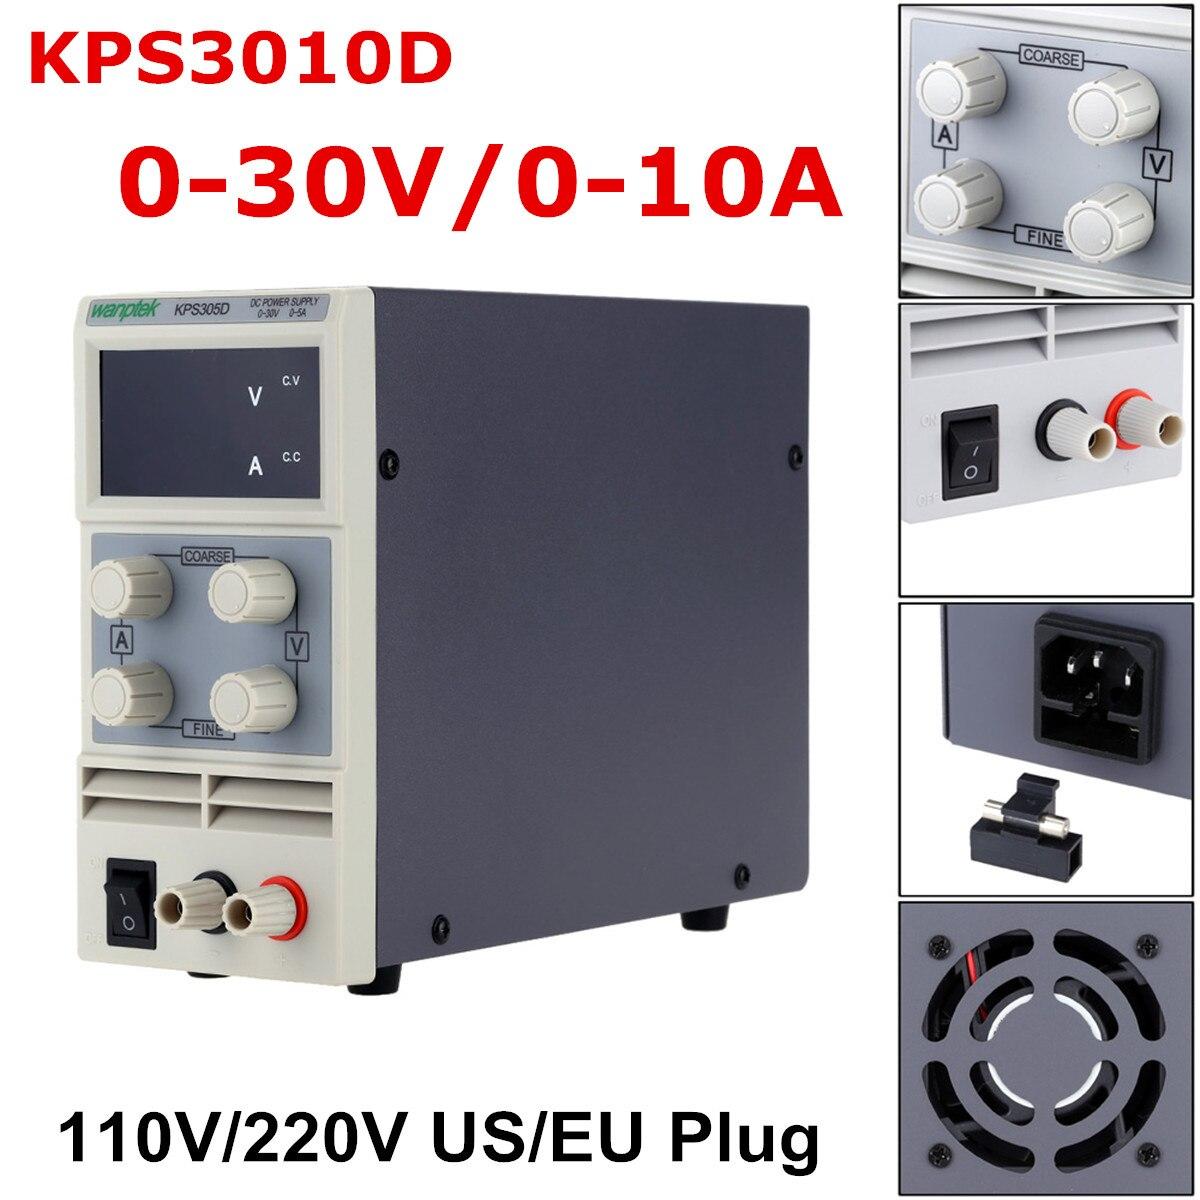 LED Tension Régulateur KPS3010D 110 v/220 v DC US/EU 0-30 v 10A Alimentation à découpage fournir Précision Faible Ondulation/Bruit Très Efficace